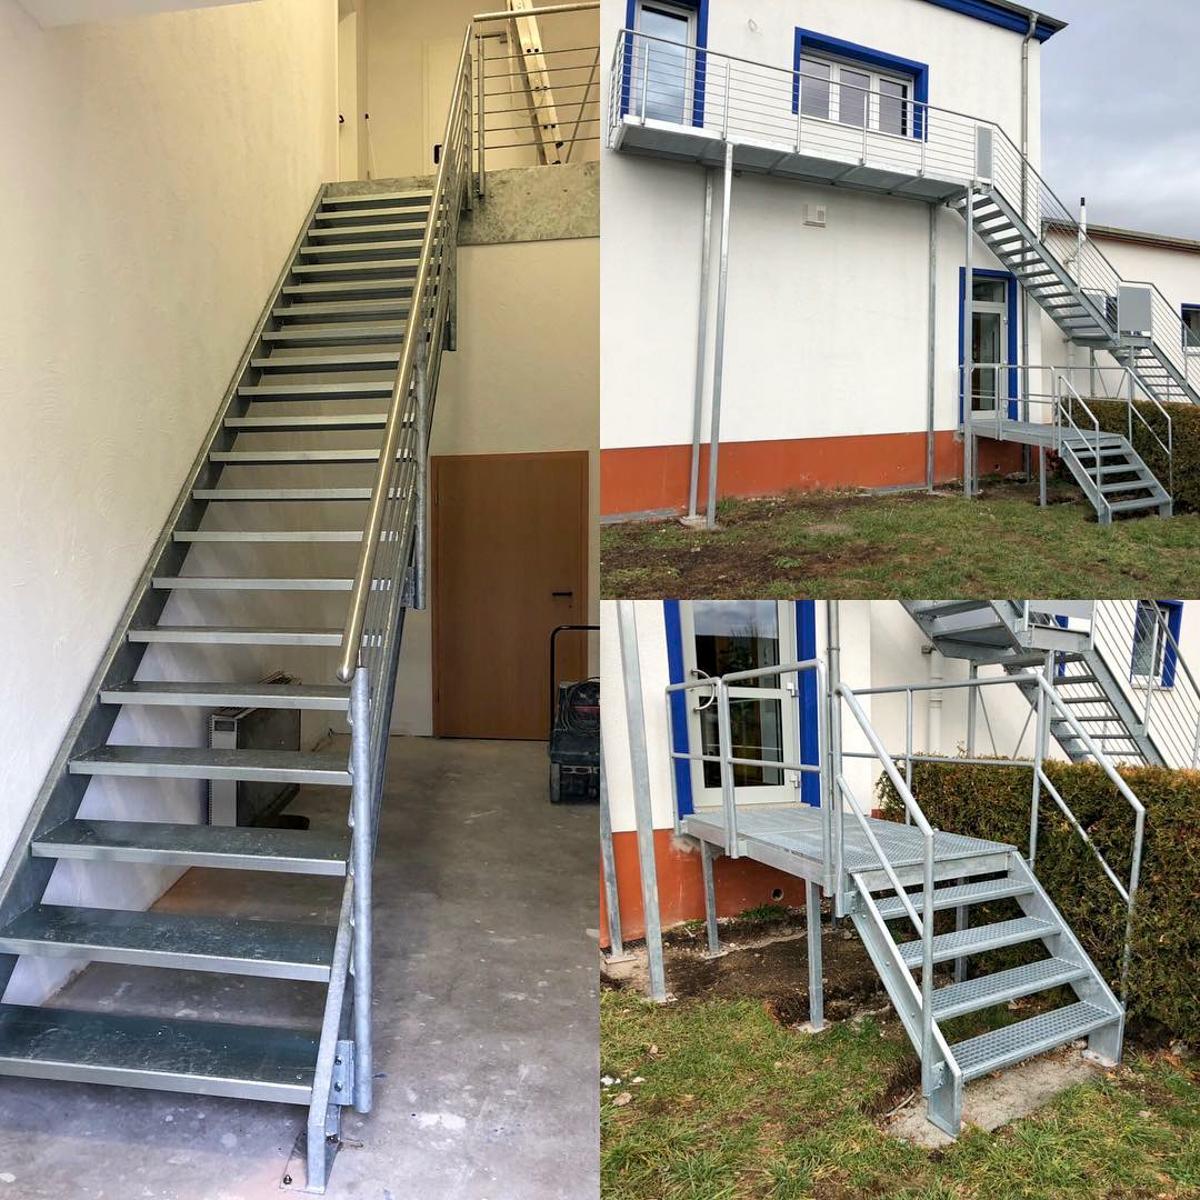 Metalltreppen Zweiwangentreppe gekanntete Stufen U-Profile PVC Belag Geländer Edelstahlhandlauf Rundstabfüllung